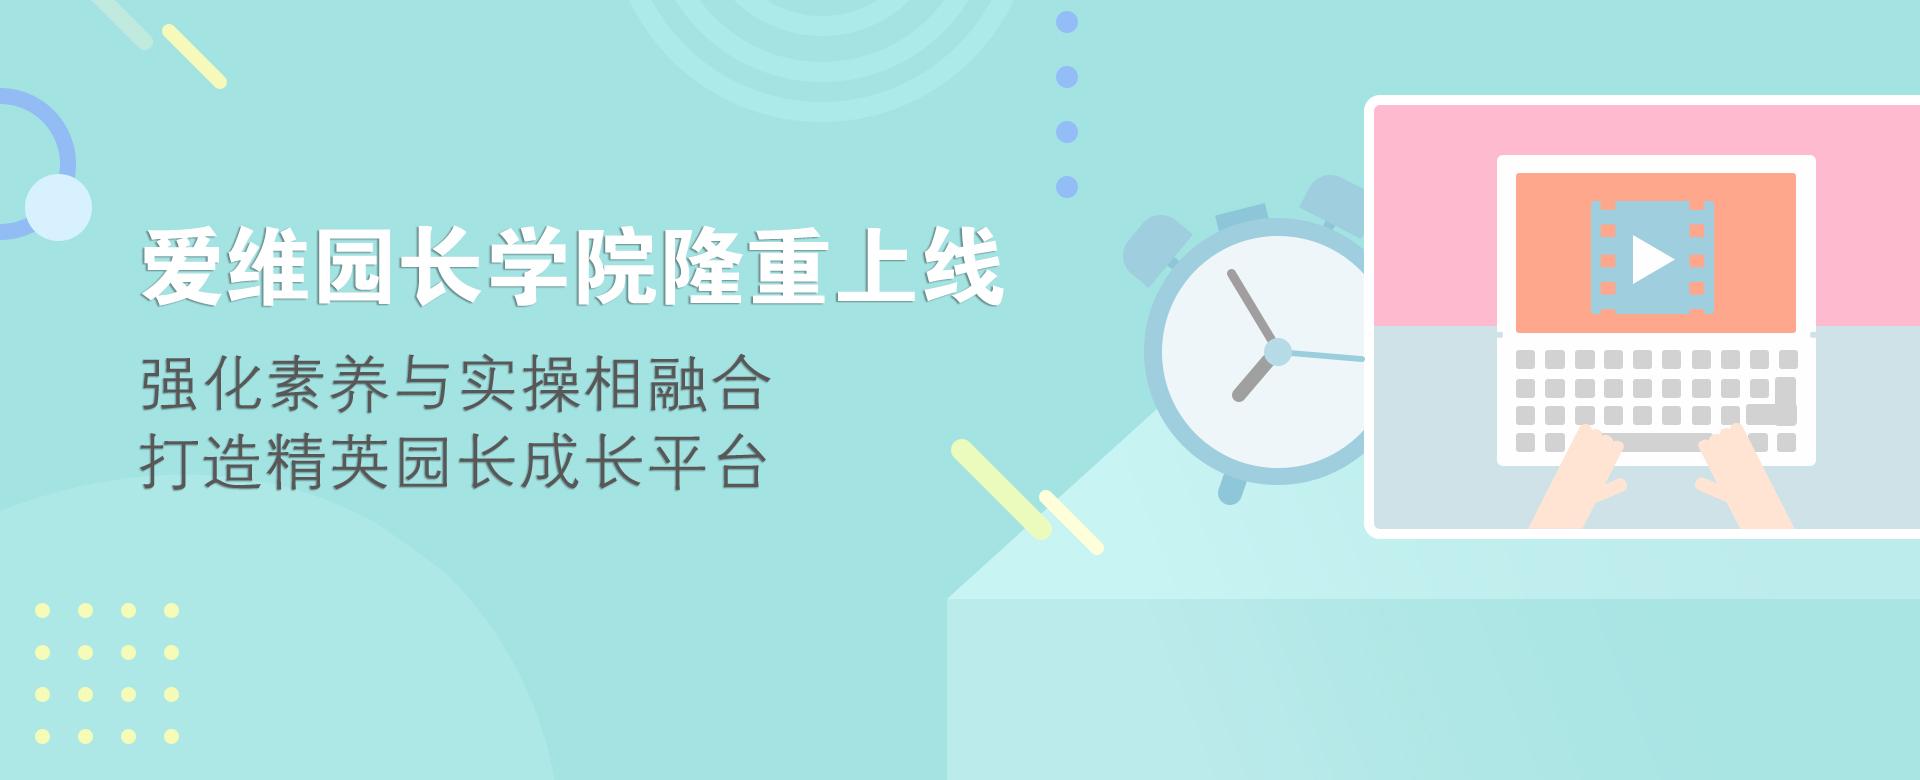 爱维园长学院正式成立,中国孔子研究院杨院长揭牌